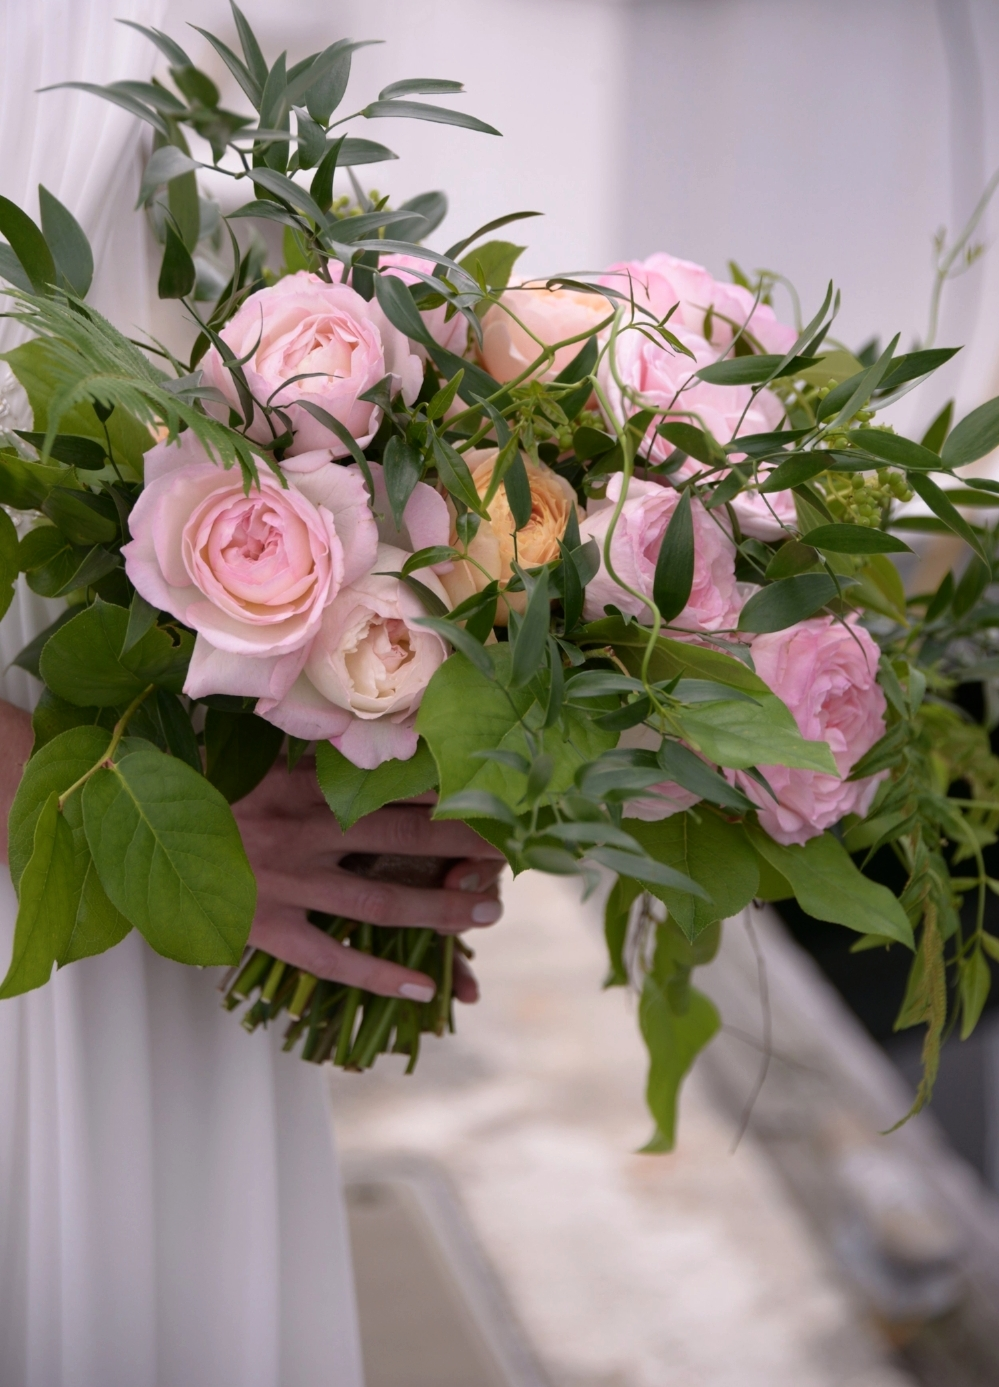 Natural & romantic bridal bouquet - Paul Dudley Photography